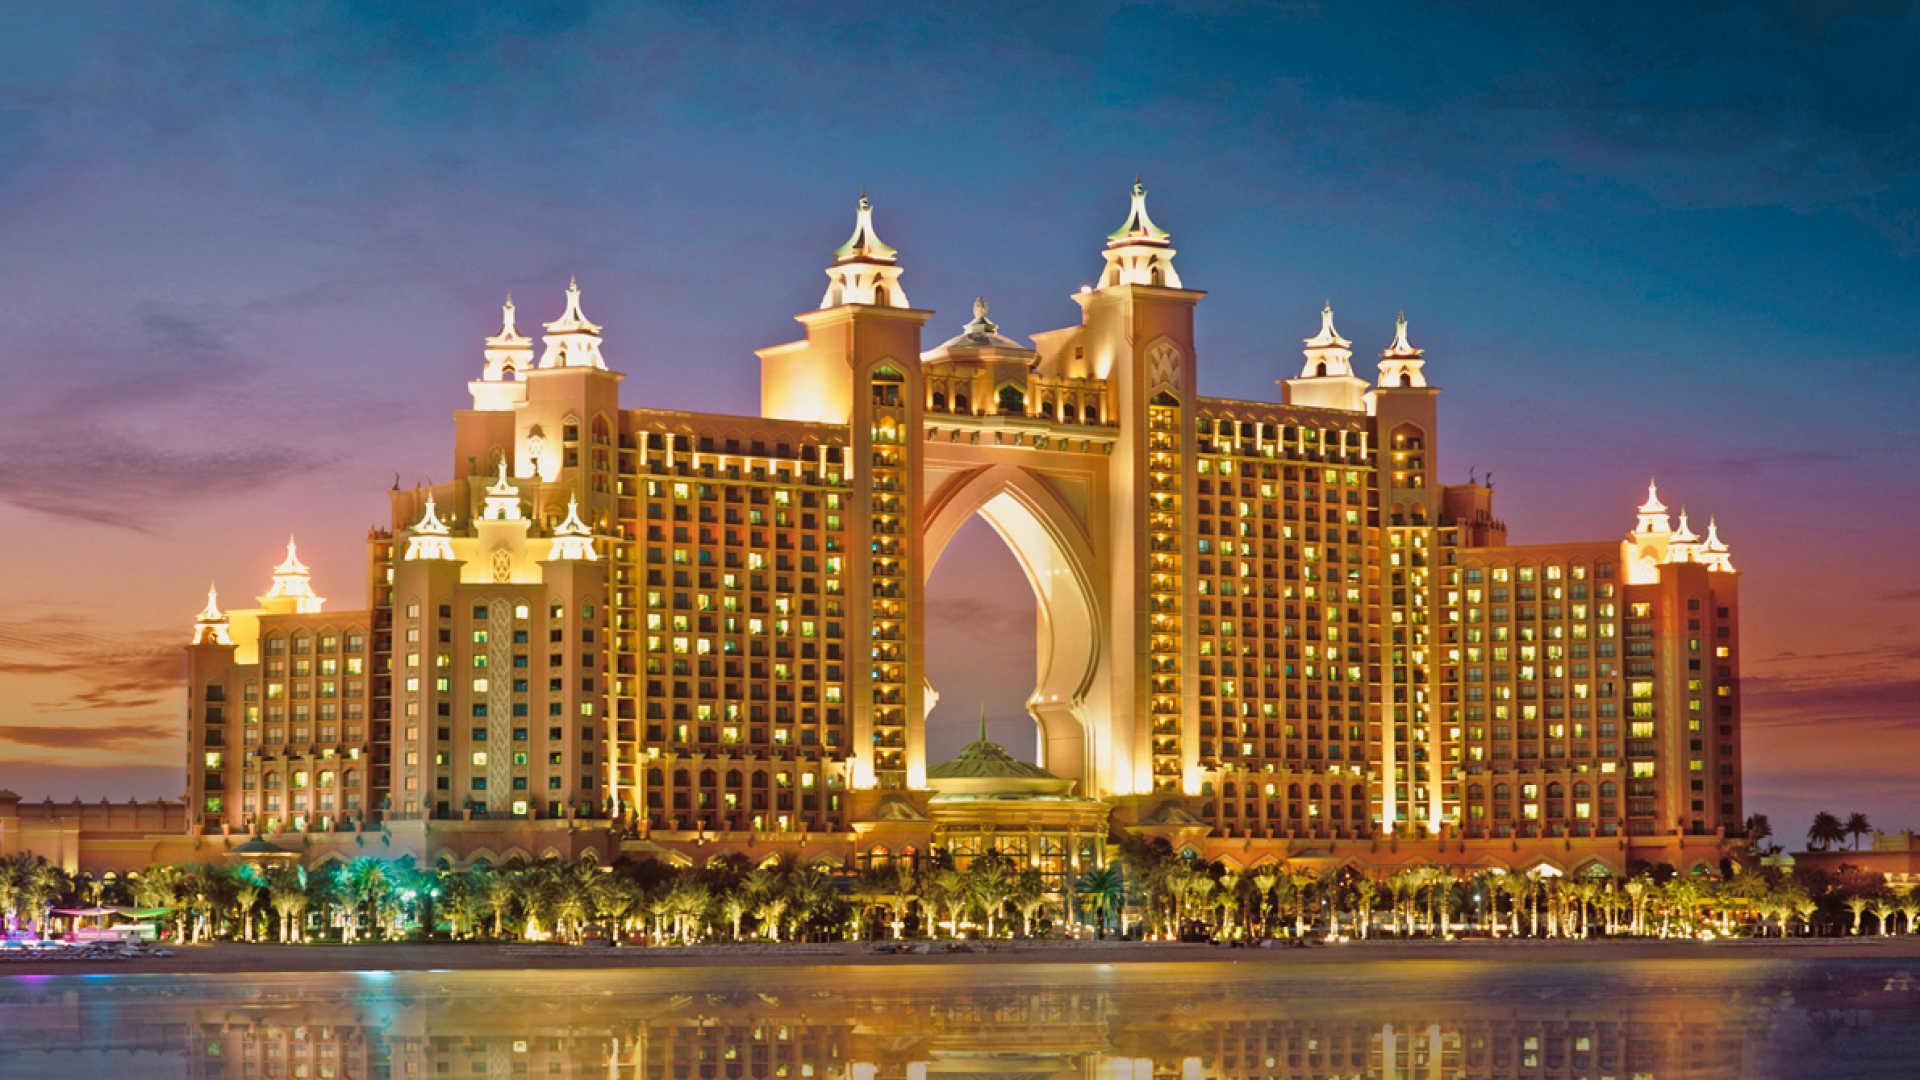 New years Atlantis Dubai - Dubaï, Hotel Atlantis